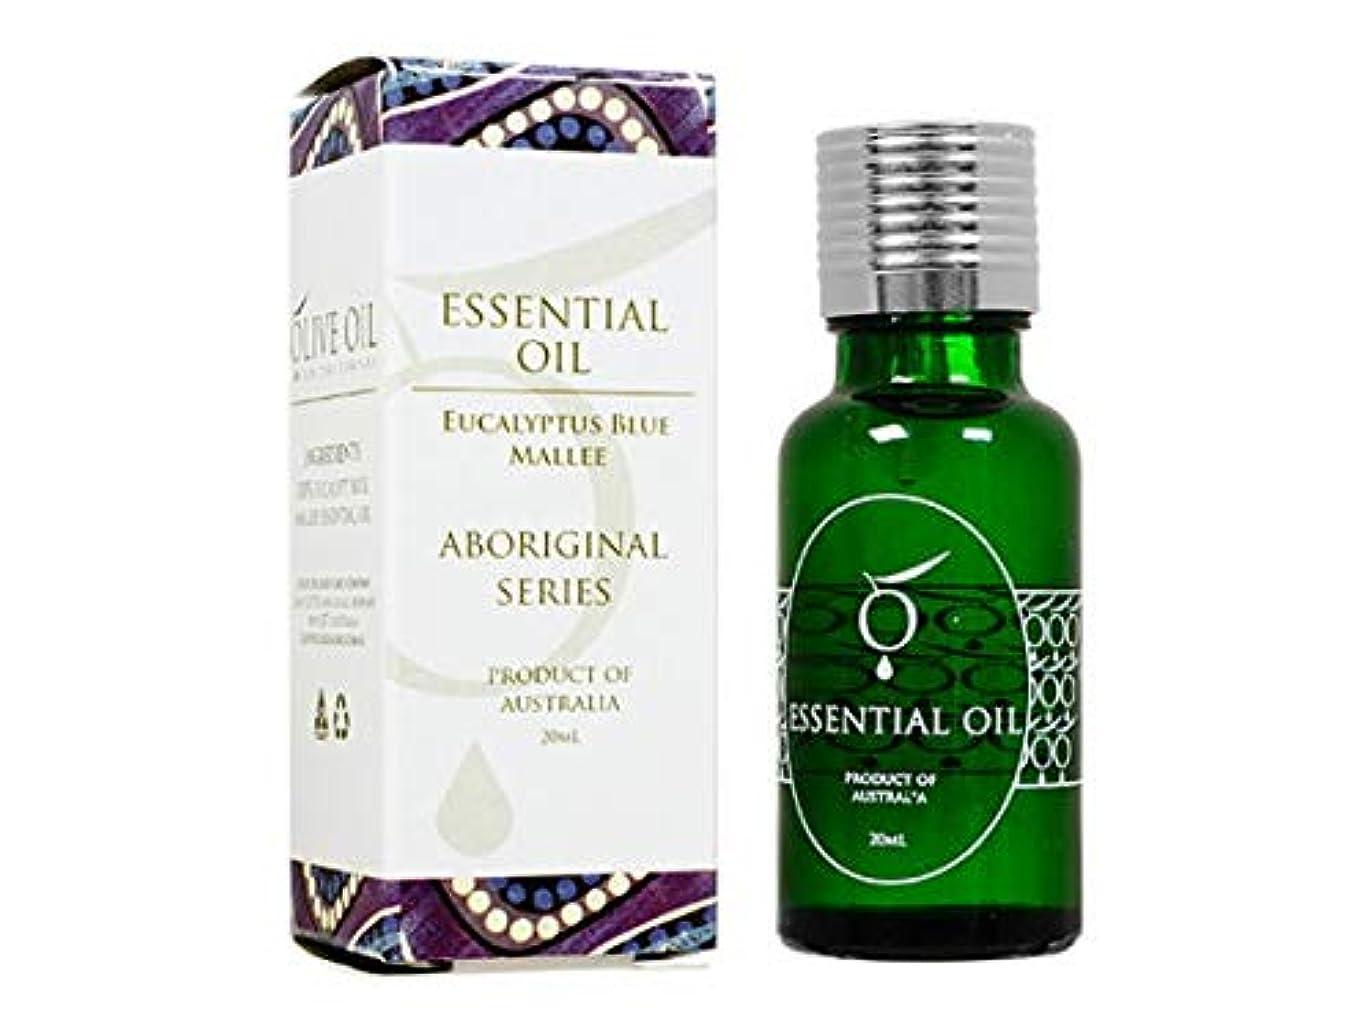 割れ目状キャプテンブライOliveOil エッセンシャルオイル?ユーカリブルーマリー 20ml (OliveOil) Essential Oil (Eucalyptus Blue Mallee) Made in Australia